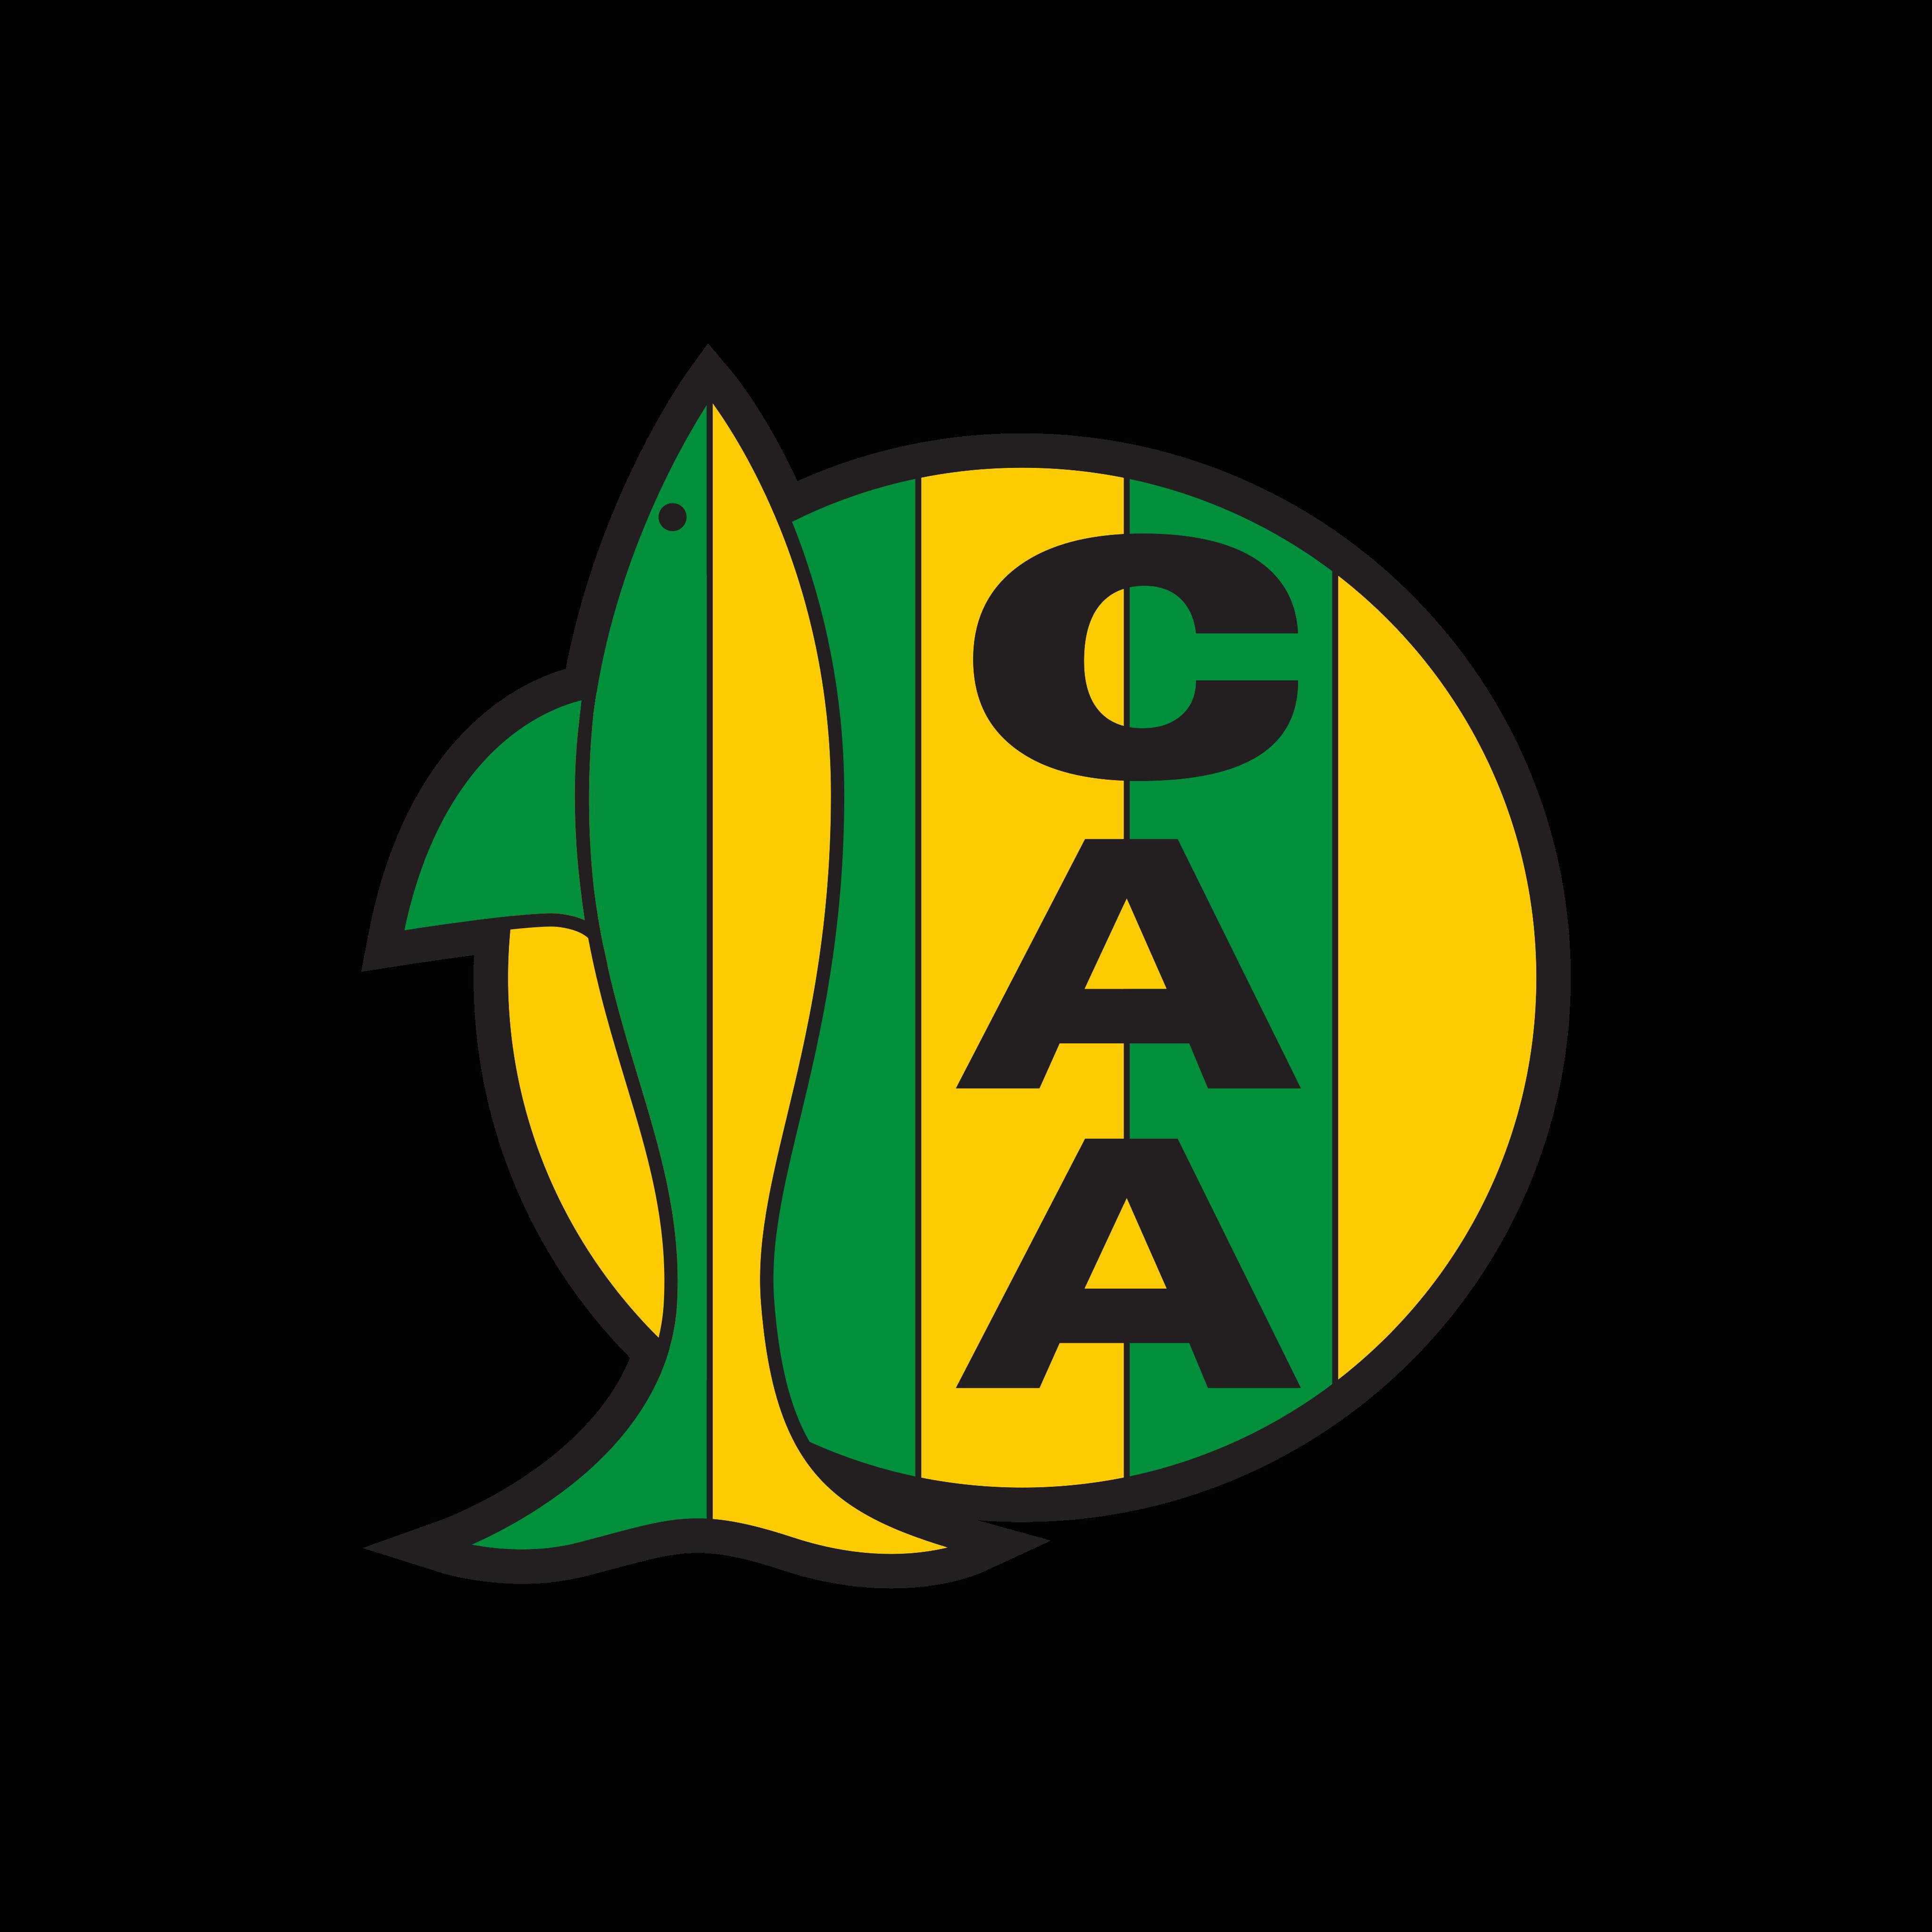 ca aldosivi logo 0 - CA Aldosivi Logo - Escudo